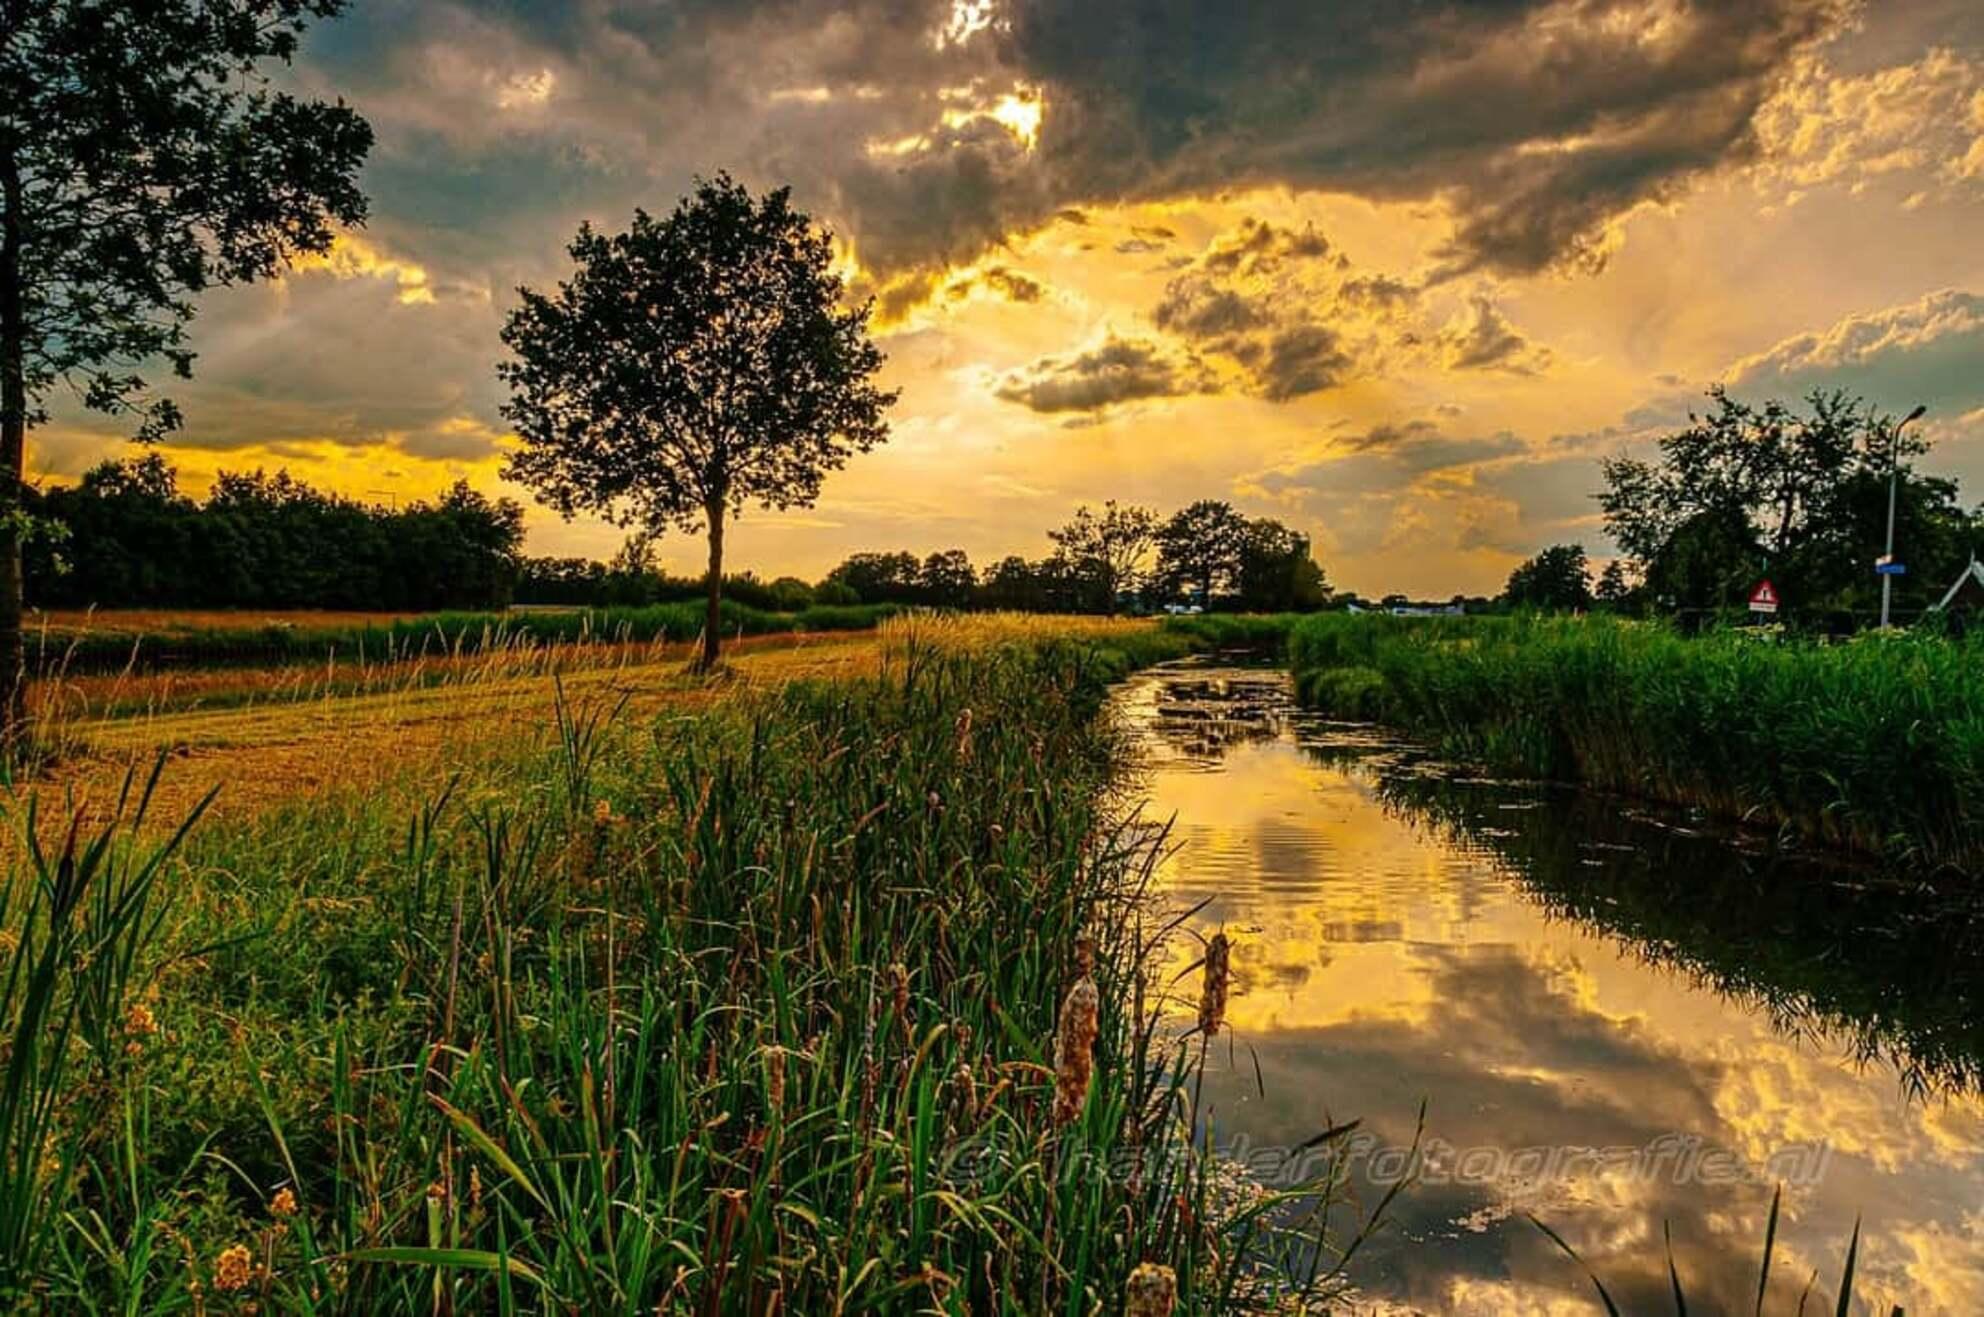 IMG_20200726_090108_292 - Goudgekleurde lucht. - foto door deharder op 27-07-2020 - deze foto bevat: lucht, avond, zonsondergang, landschap